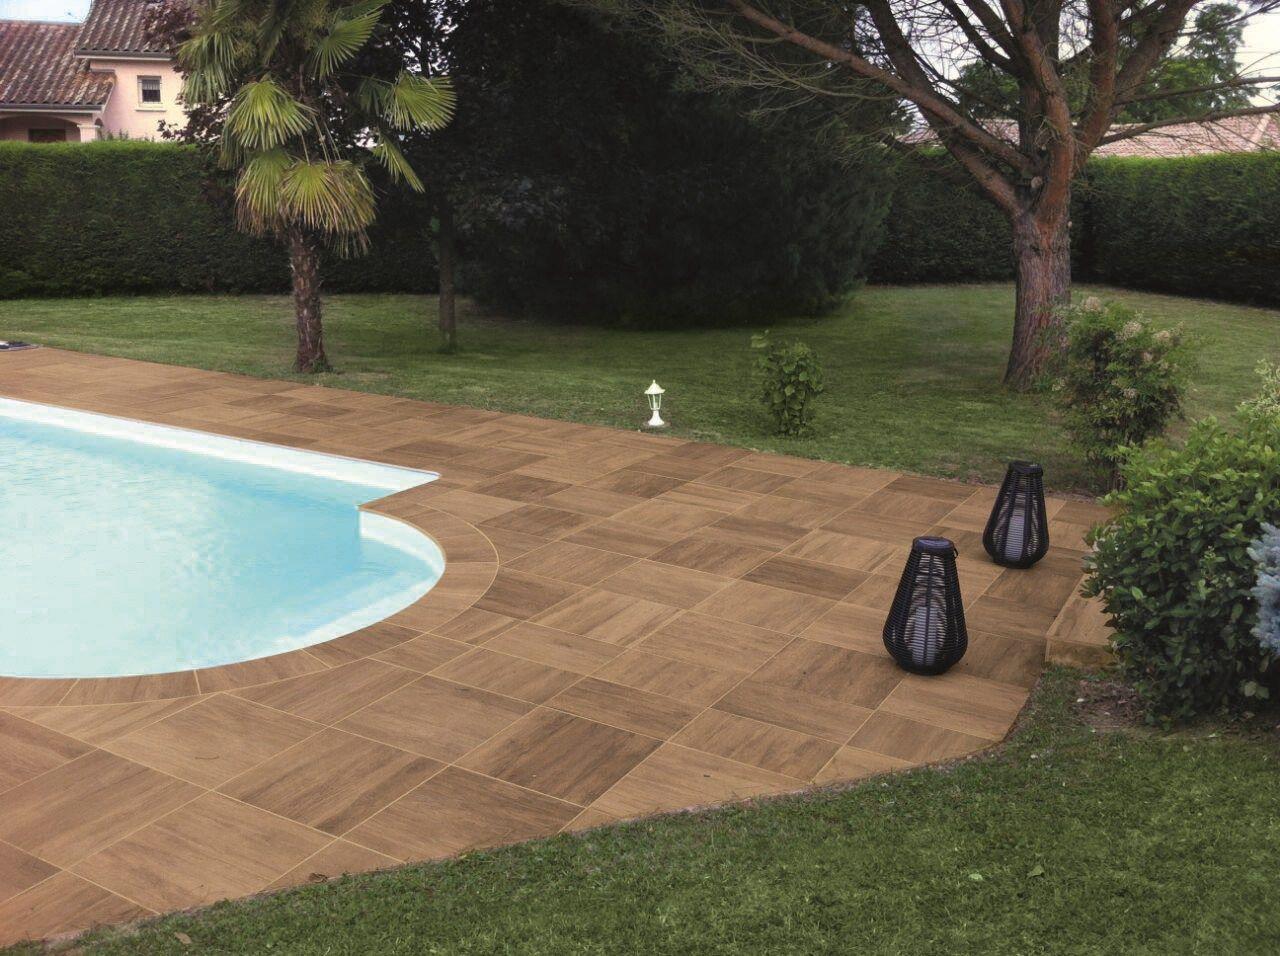 Pavimenti spessorati per piscine e aree benessere - Mattonato per giardino ...